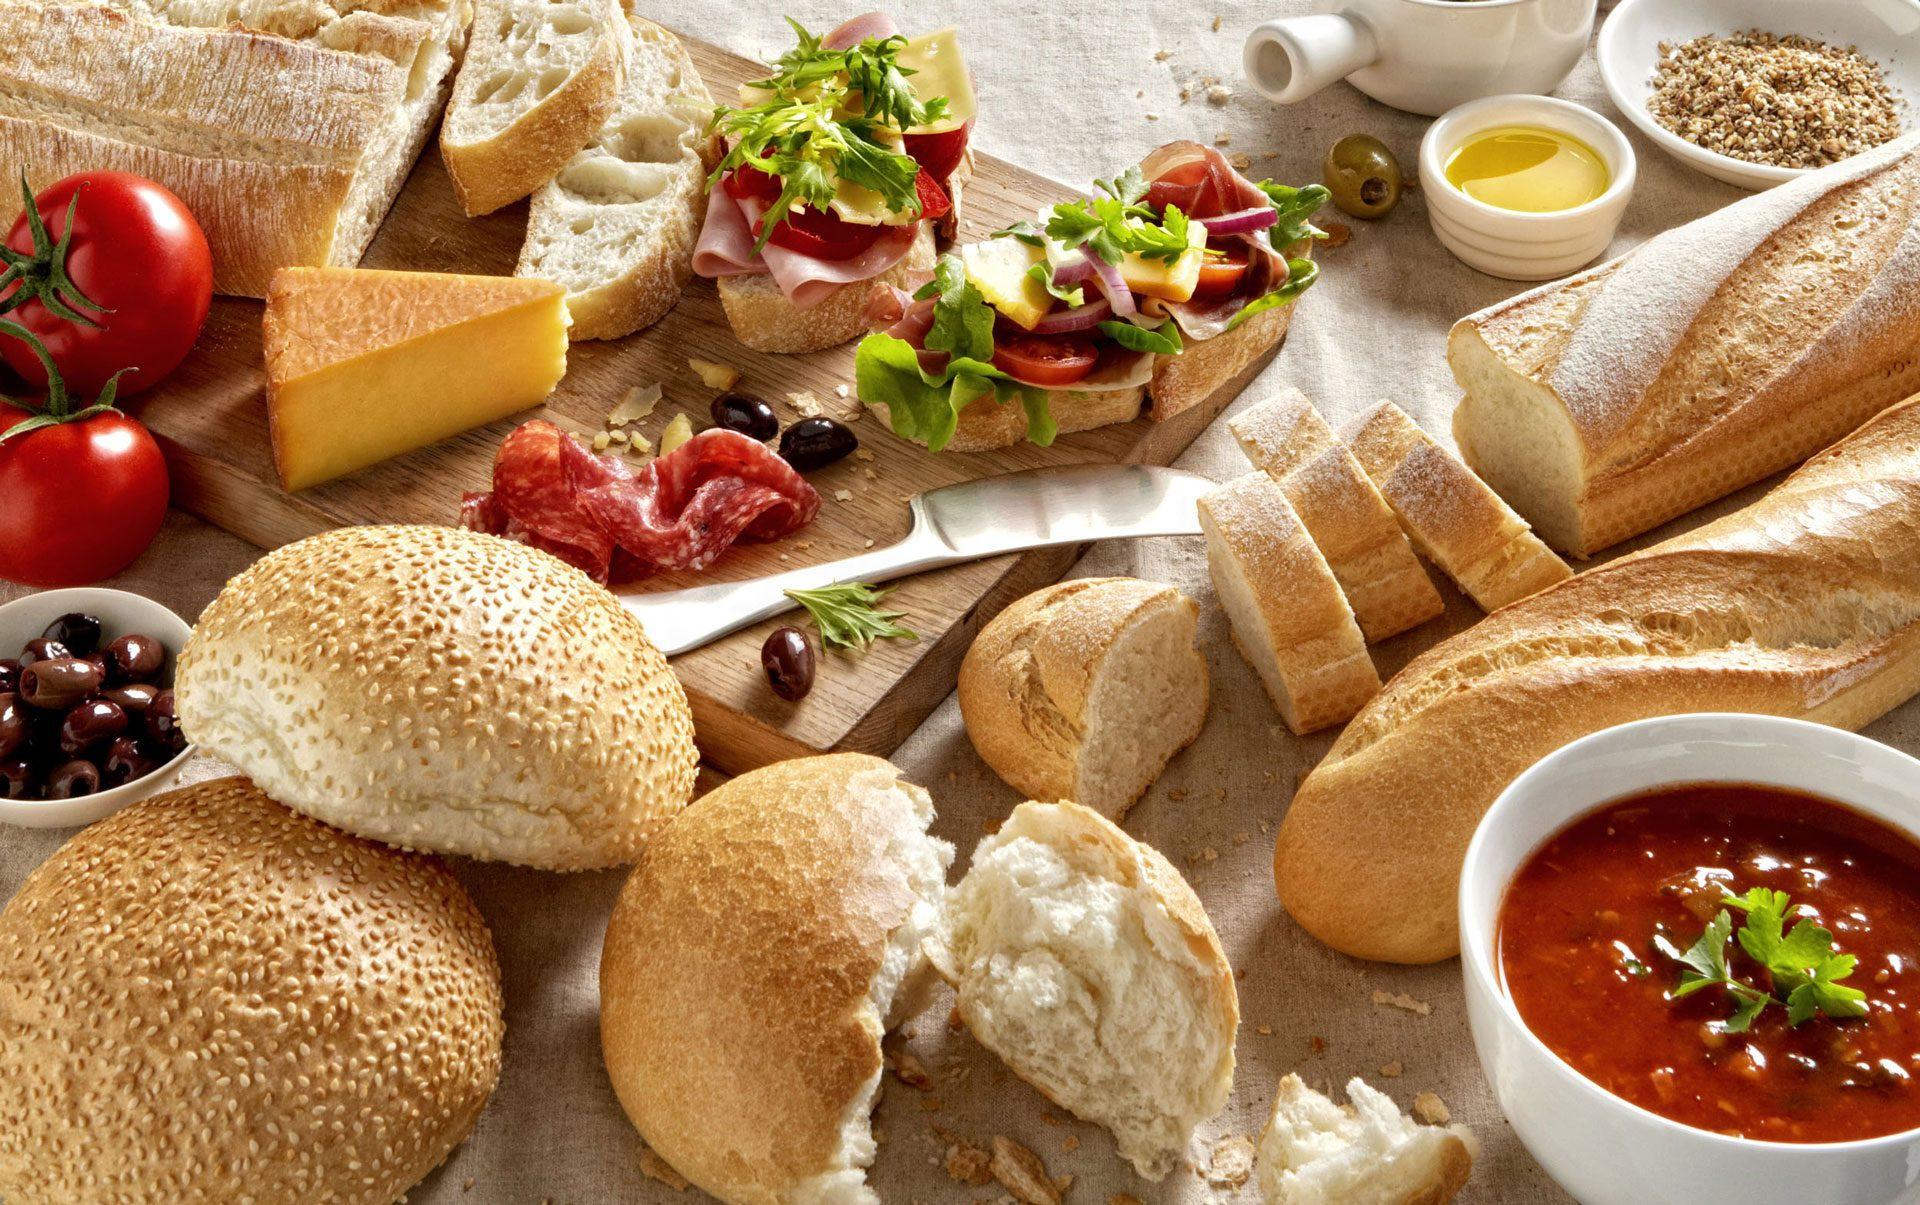 видео картинки колбаса с хлебом потолка частном